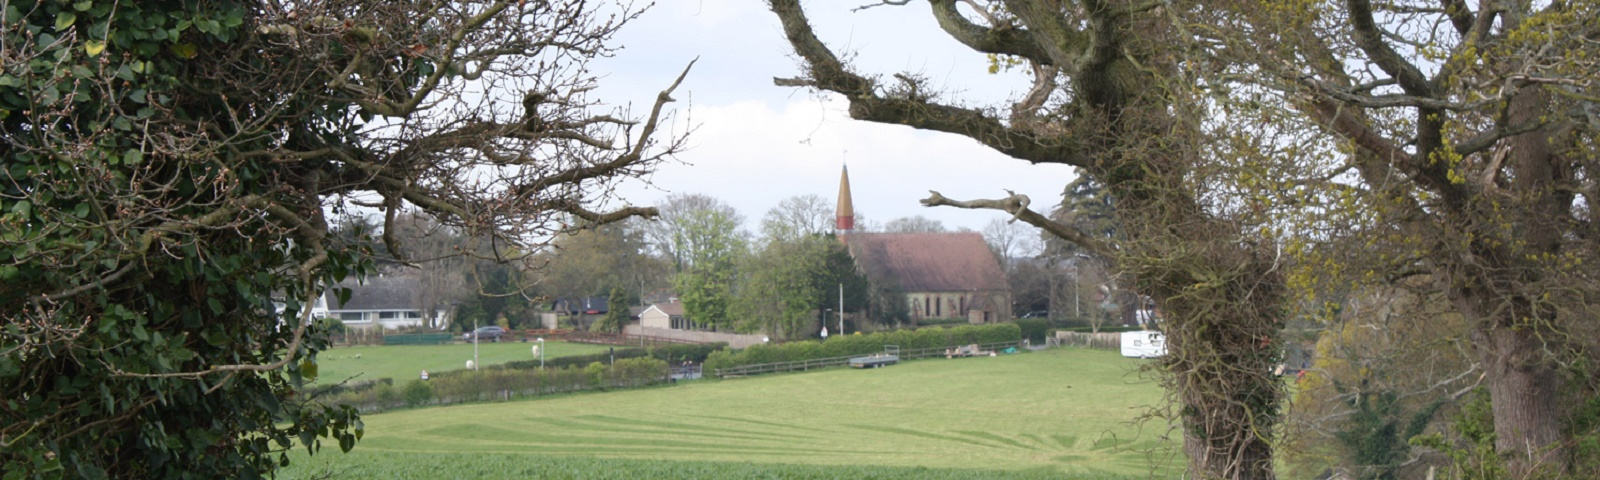 Gurnard Parish Council website